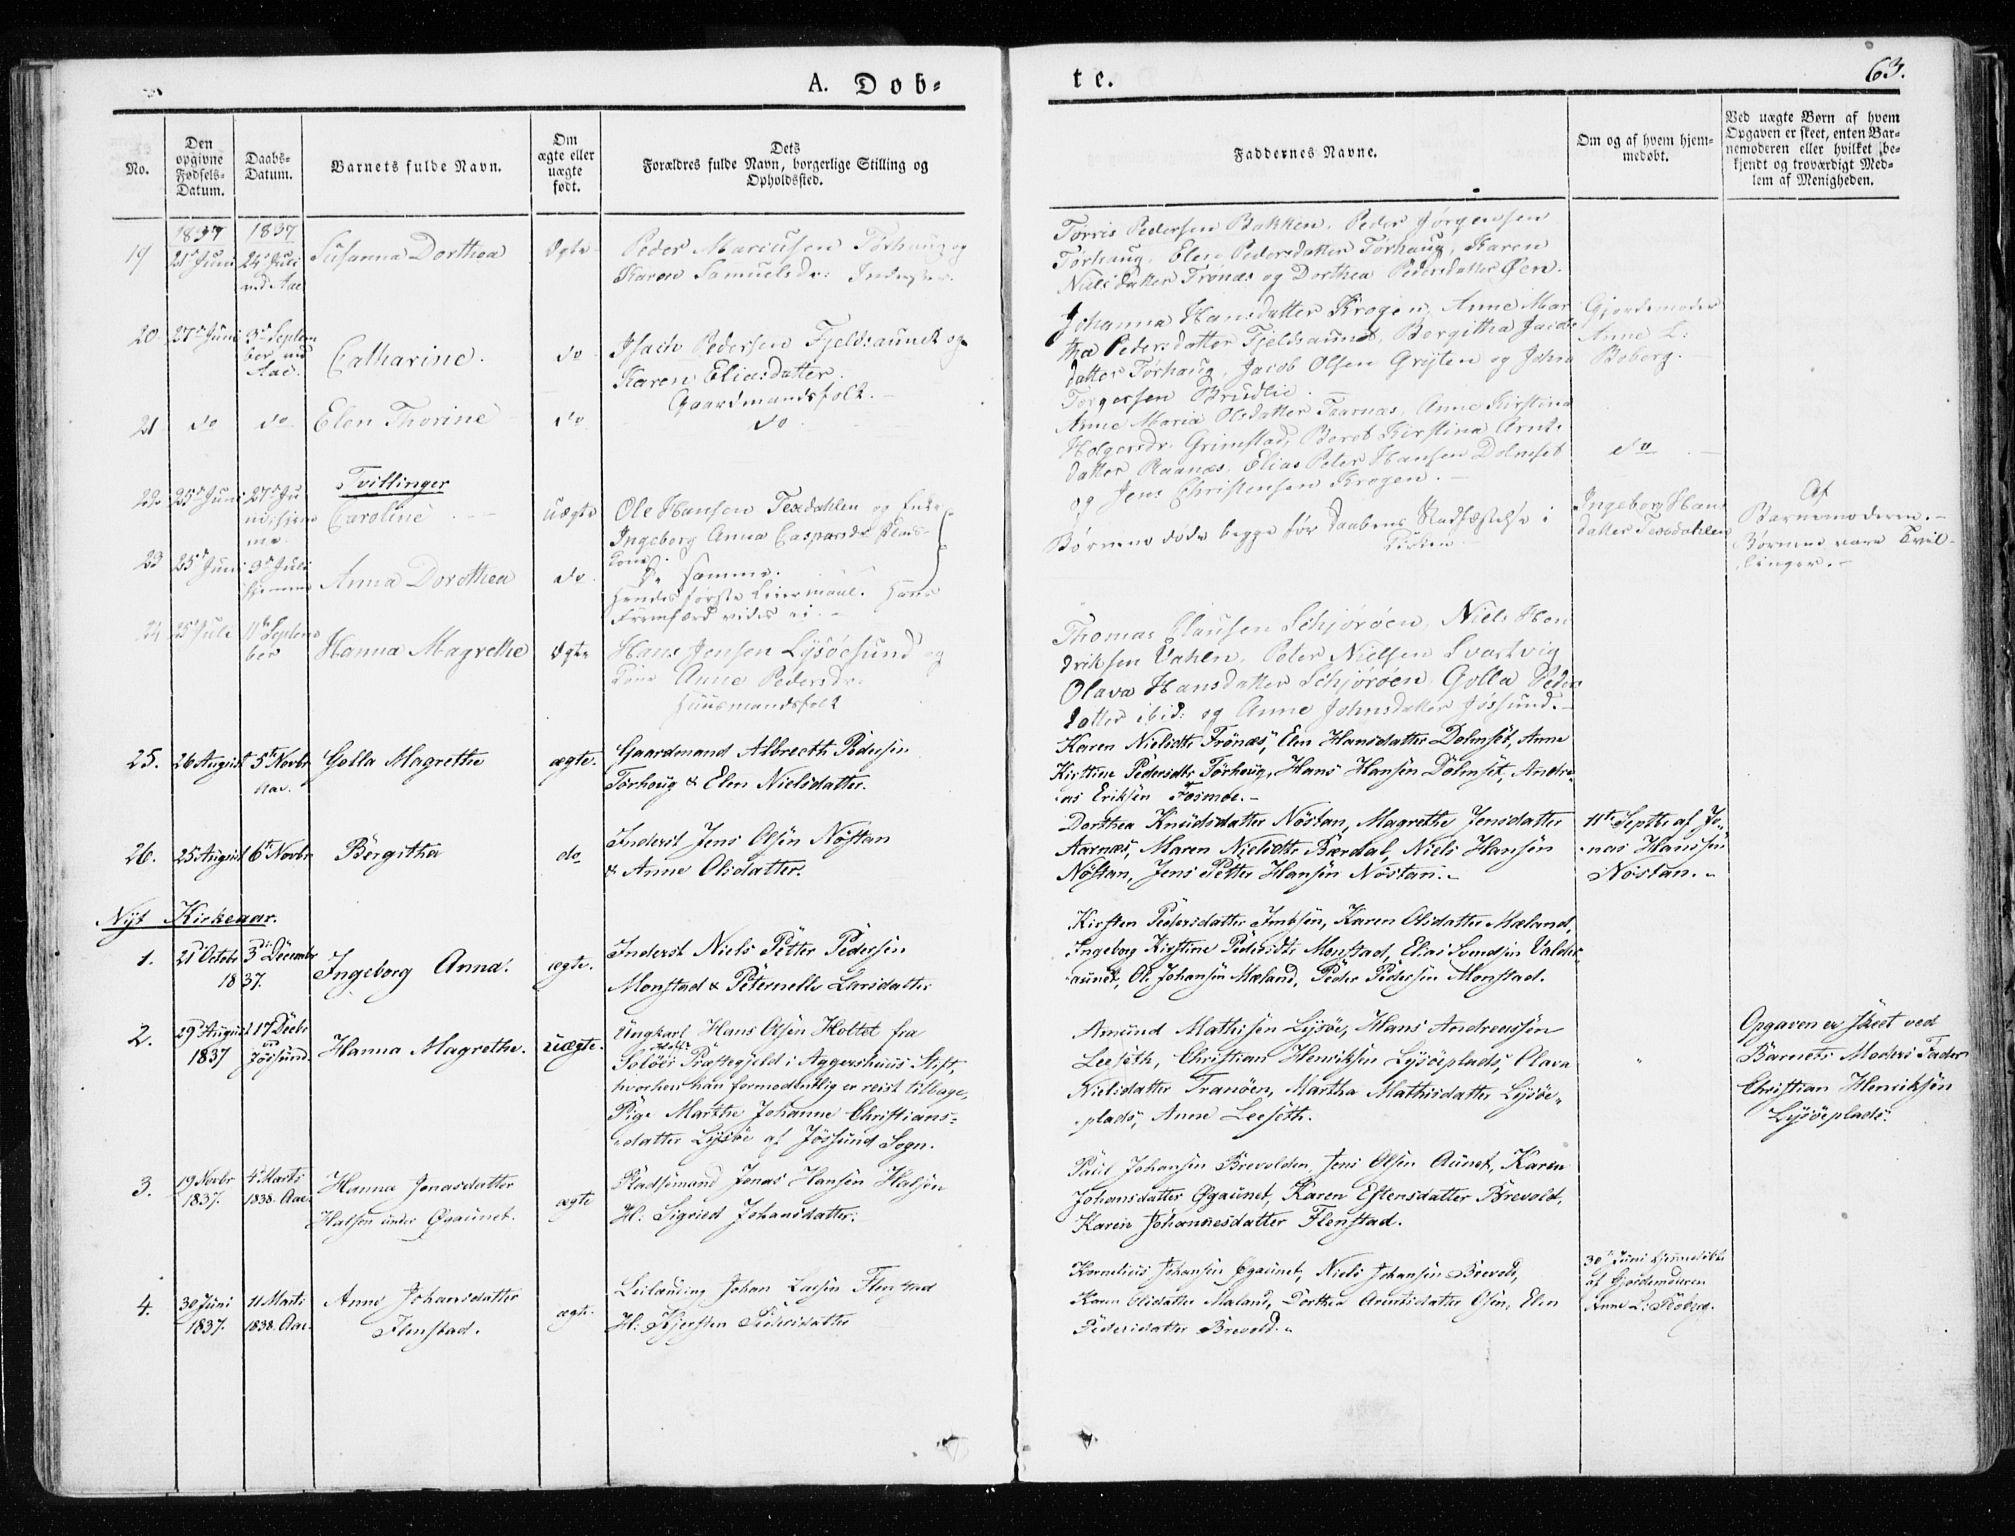 SAT, Ministerialprotokoller, klokkerbøker og fødselsregistre - Sør-Trøndelag, 655/L0676: Ministerialbok nr. 655A05, 1830-1847, s. 63